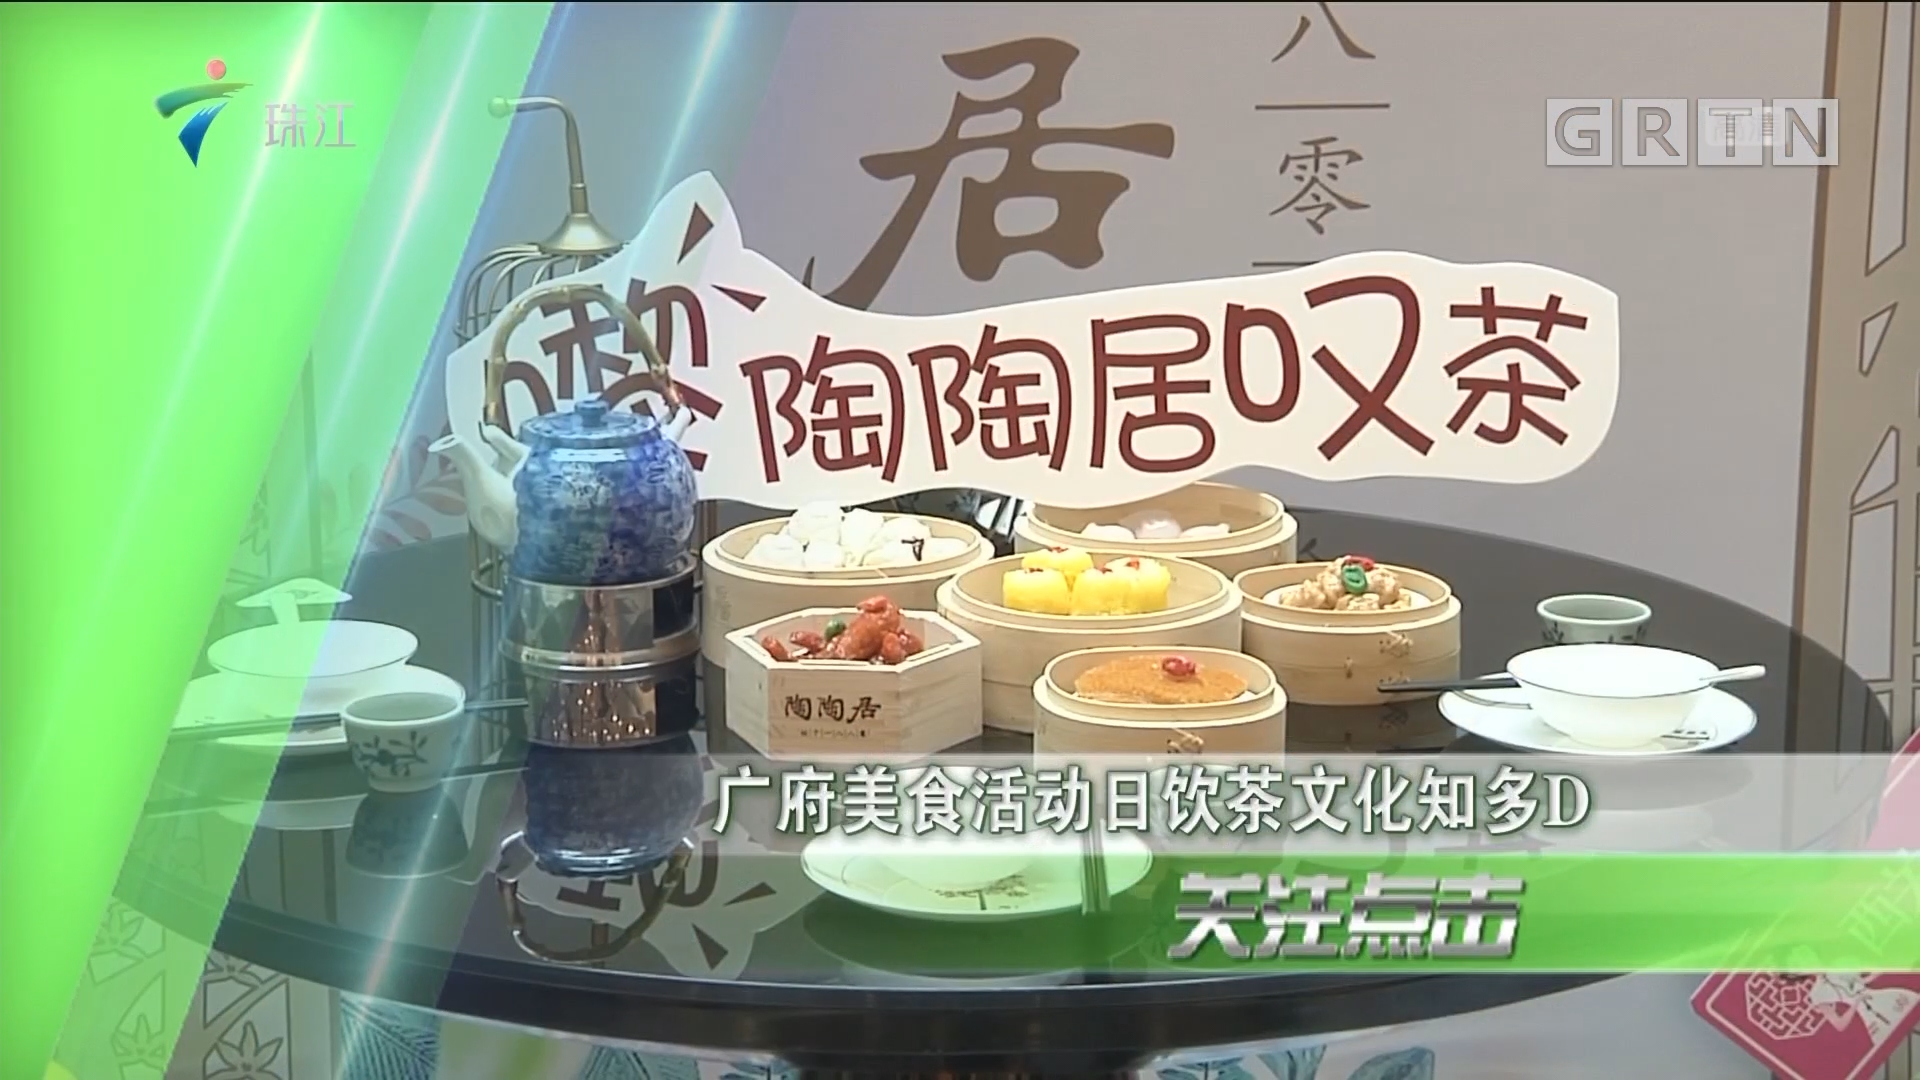 广府美食活动日饮茶文化知多D